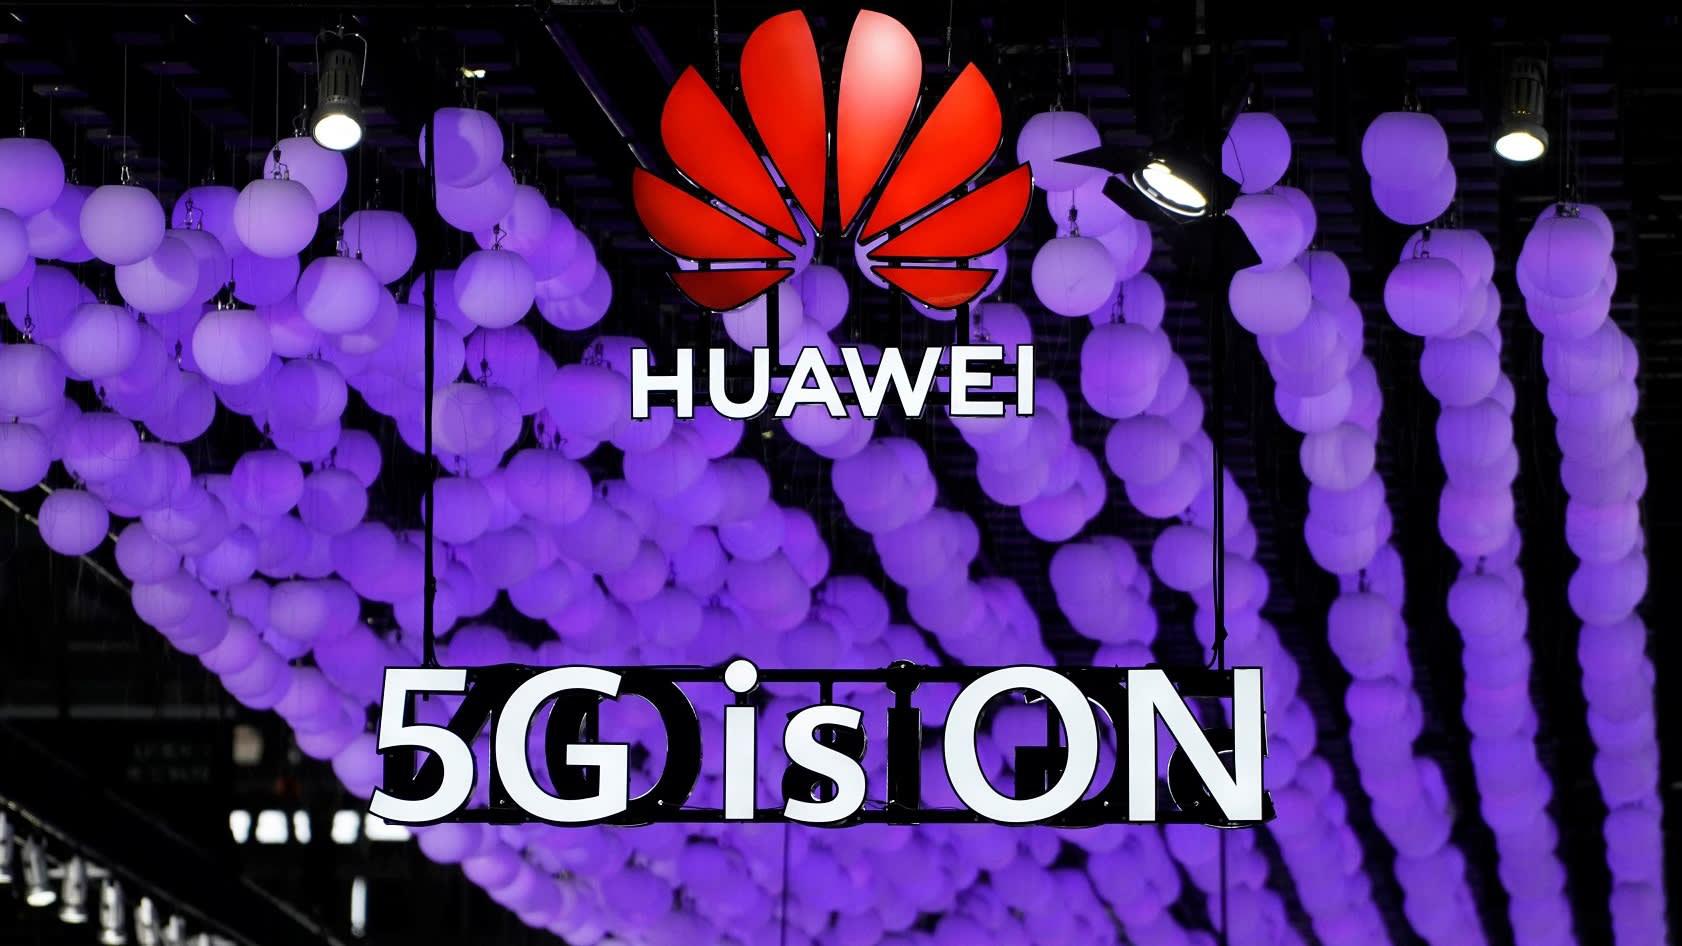 """Chủ tịch Huawei: """"Chúng tôi đóng vai trò quan trọng trong ngành CNTT toàn cầu"""" - Ảnh 1."""